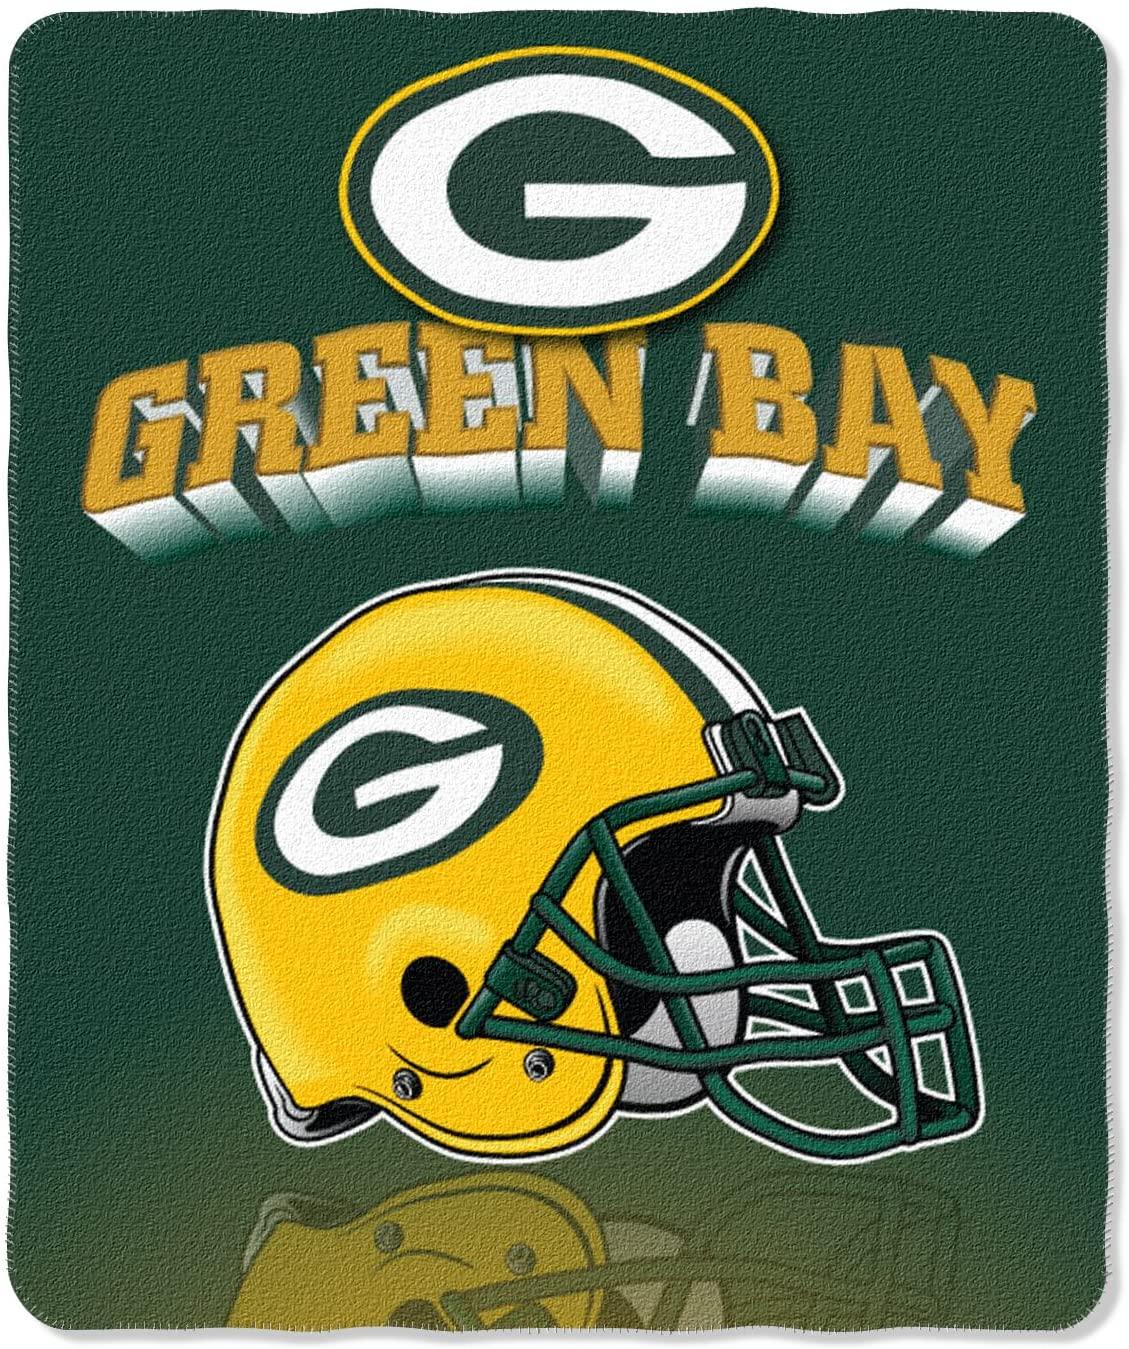 Nfl Throw Green_bay_packers Fleece Blanket